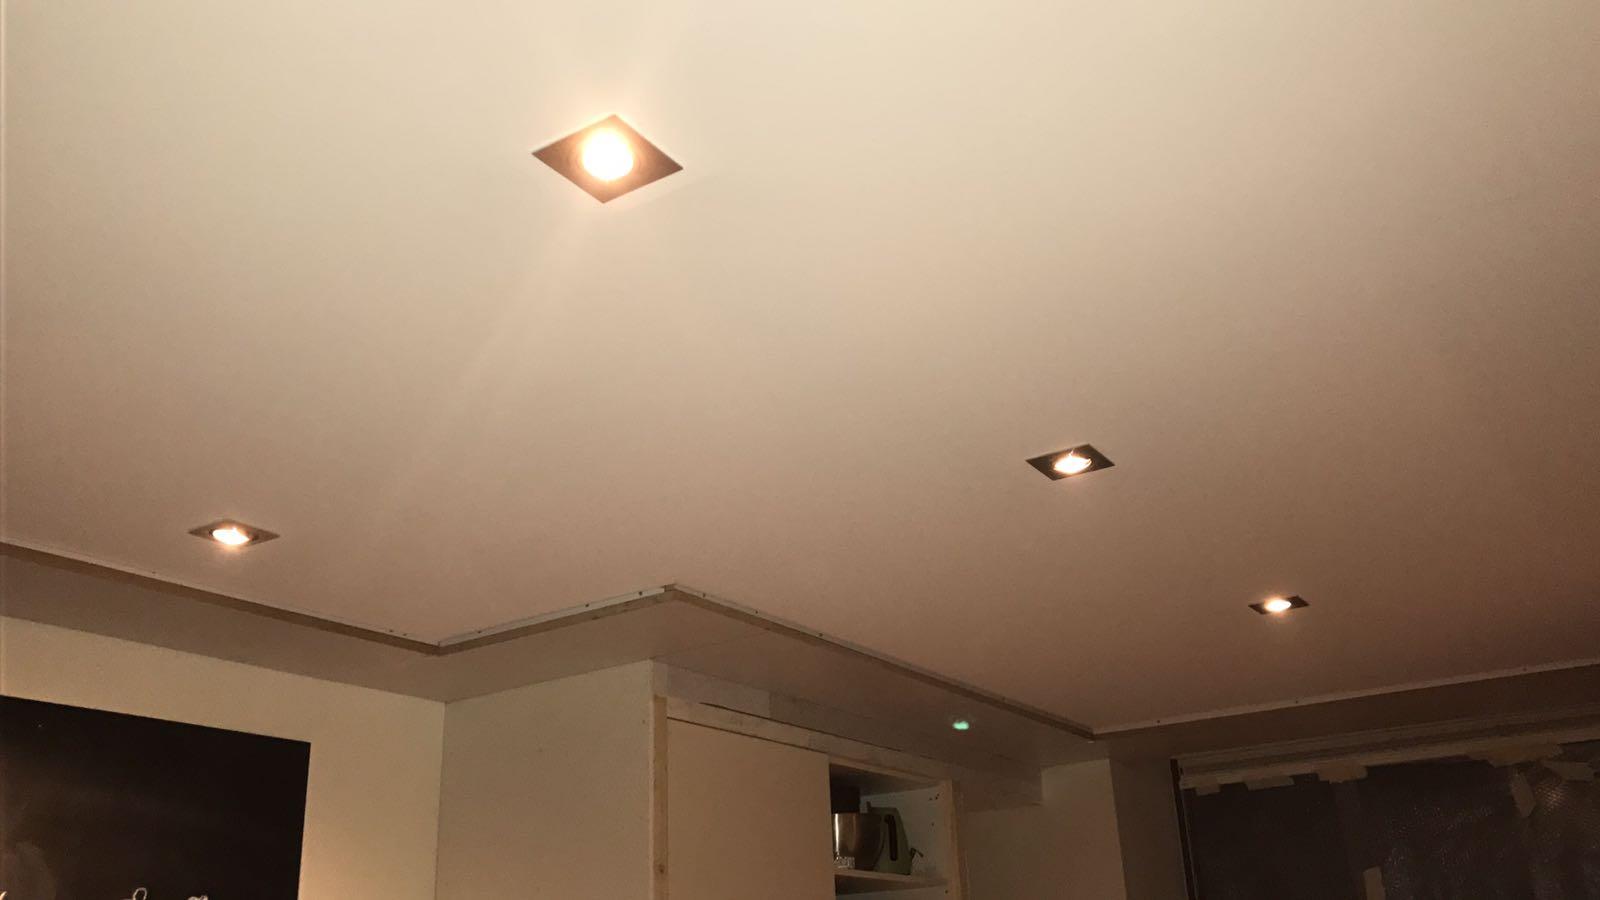 Spanplafond in woonkamer / keuken met rondom een koof